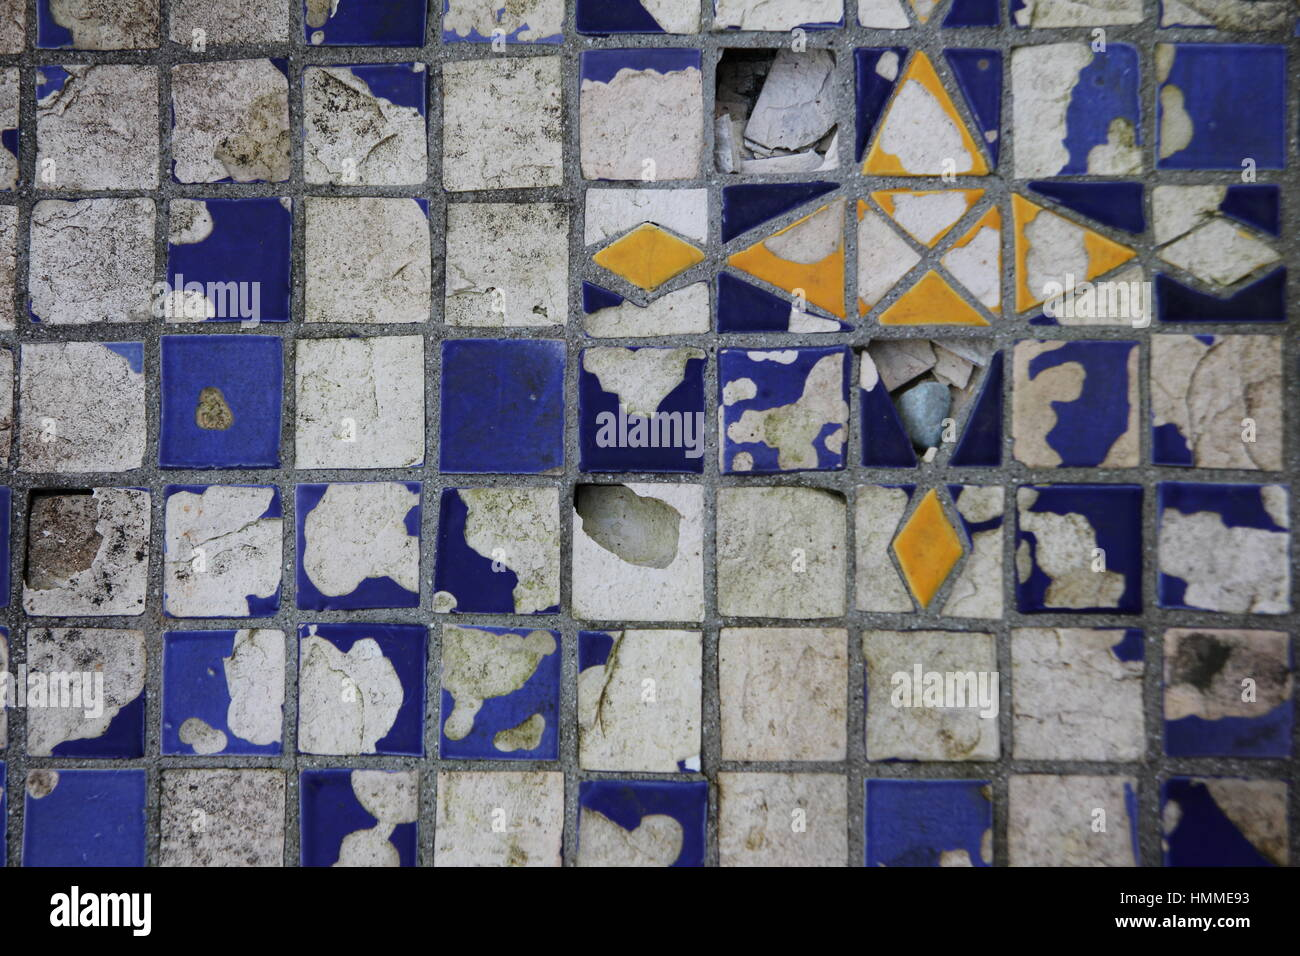 Tessere per mosaico foto immagine stock alamy